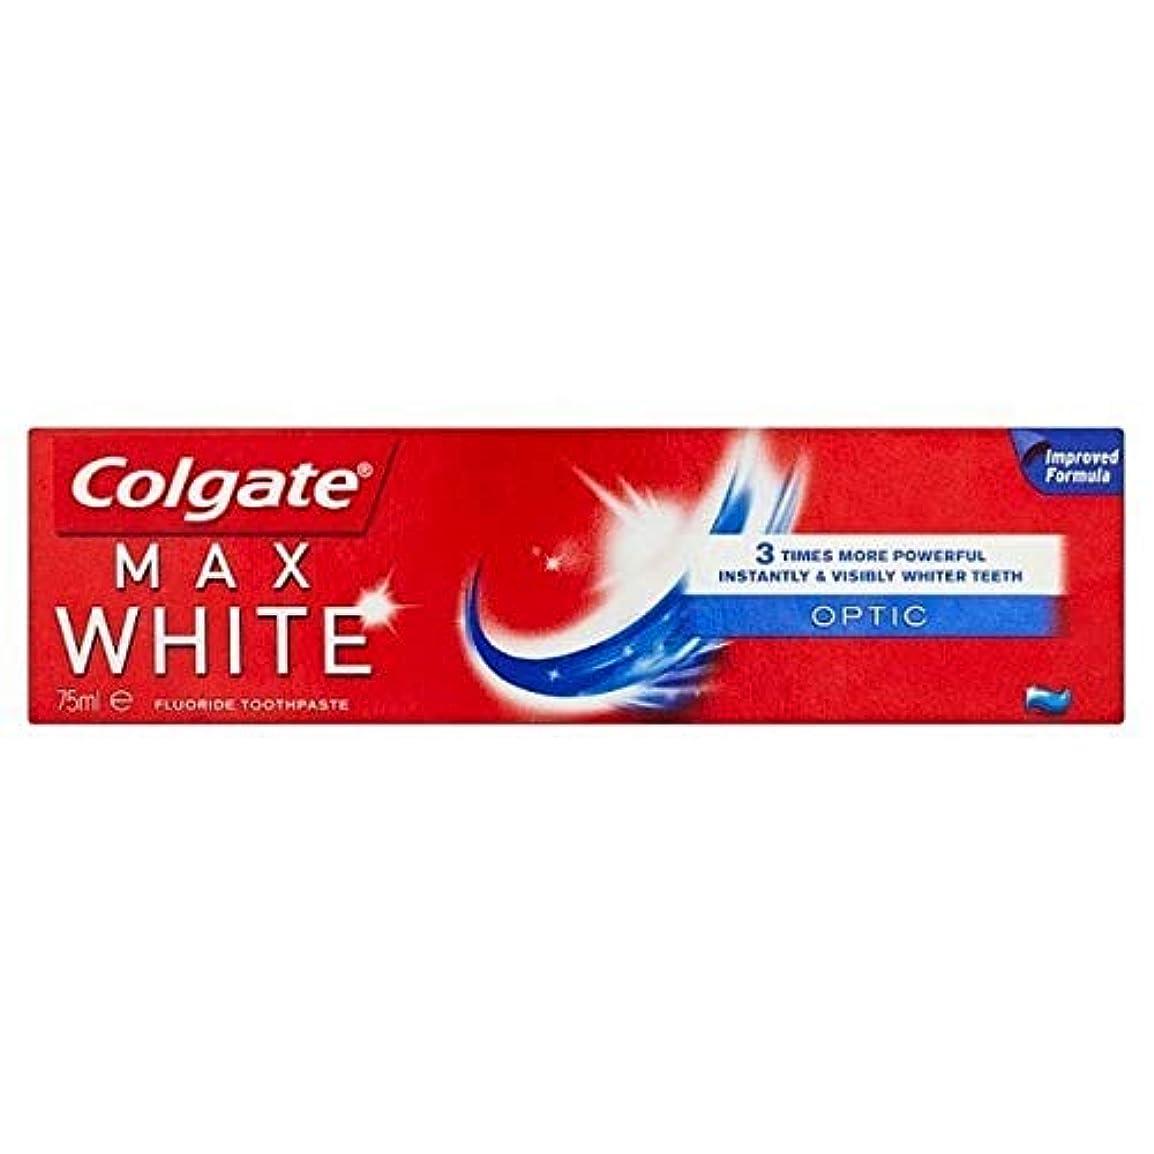 サイレント本を読む絶望的な[Colgate ] コルゲート最大白い光ホワイトニング歯磨き粉75ミリリットル - Colgate Max White Optic Whitening Toothpaste 75ml [並行輸入品]